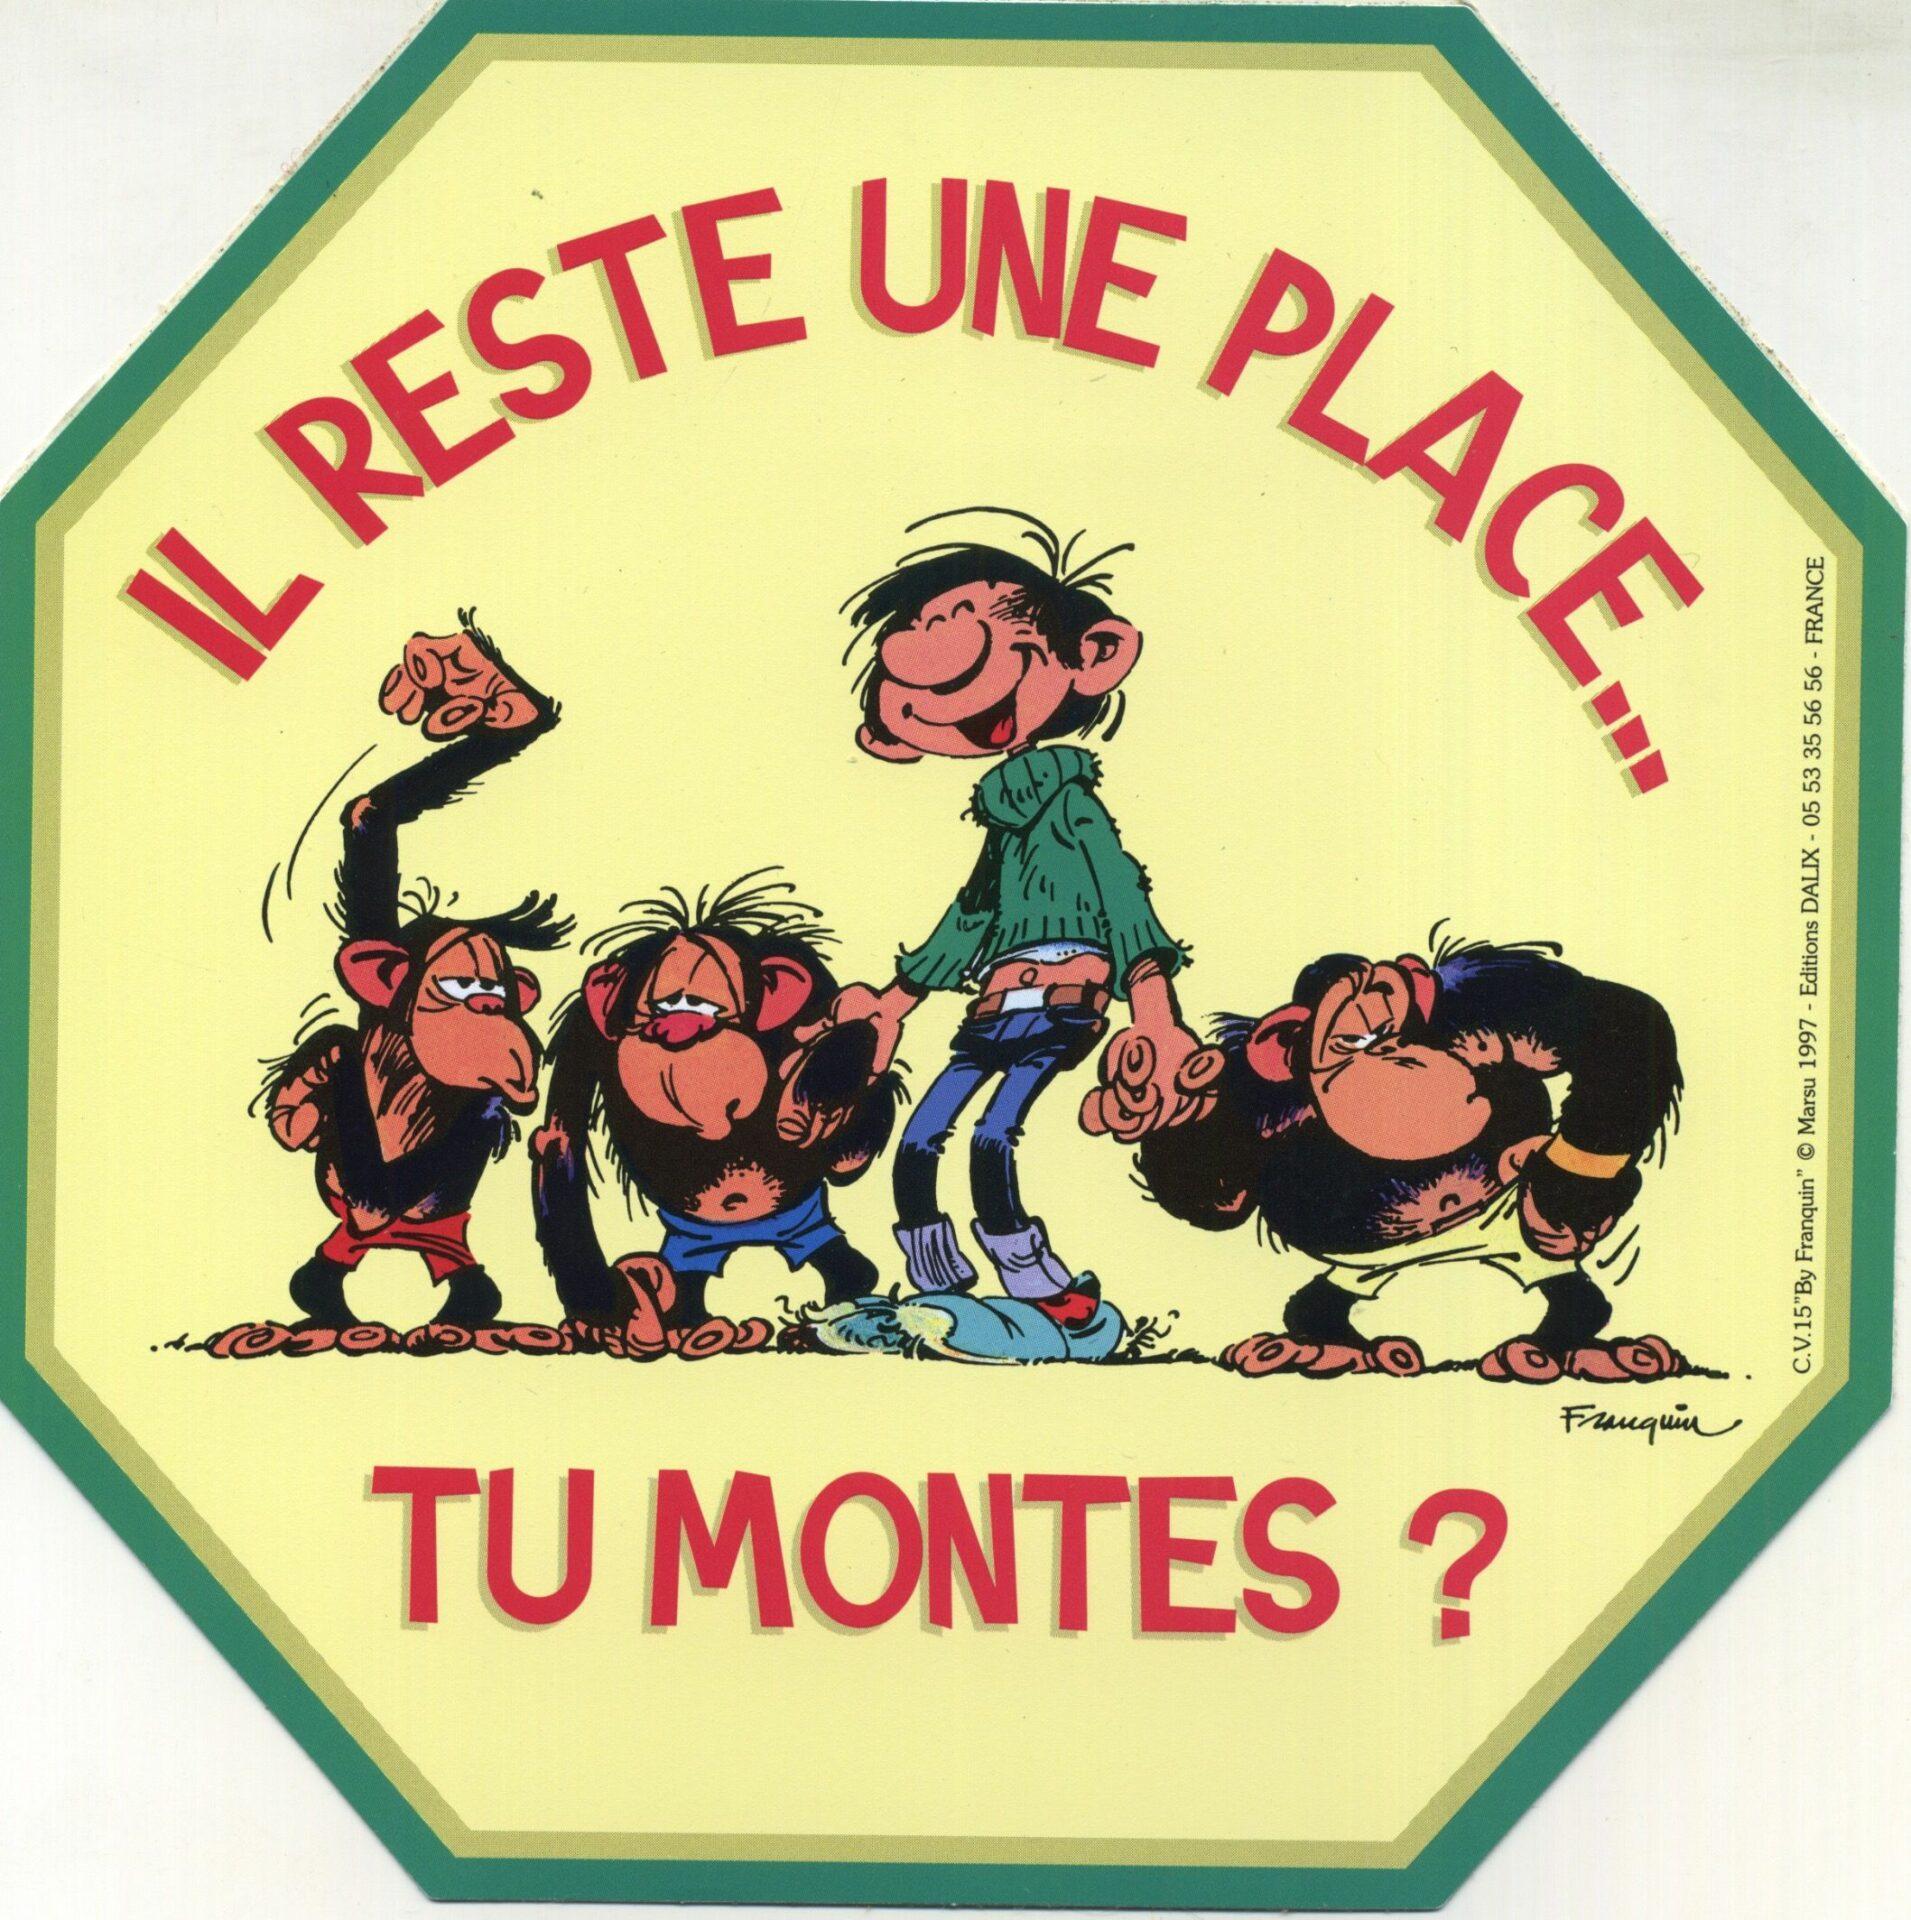 Il reste une place... Tu montes?-0